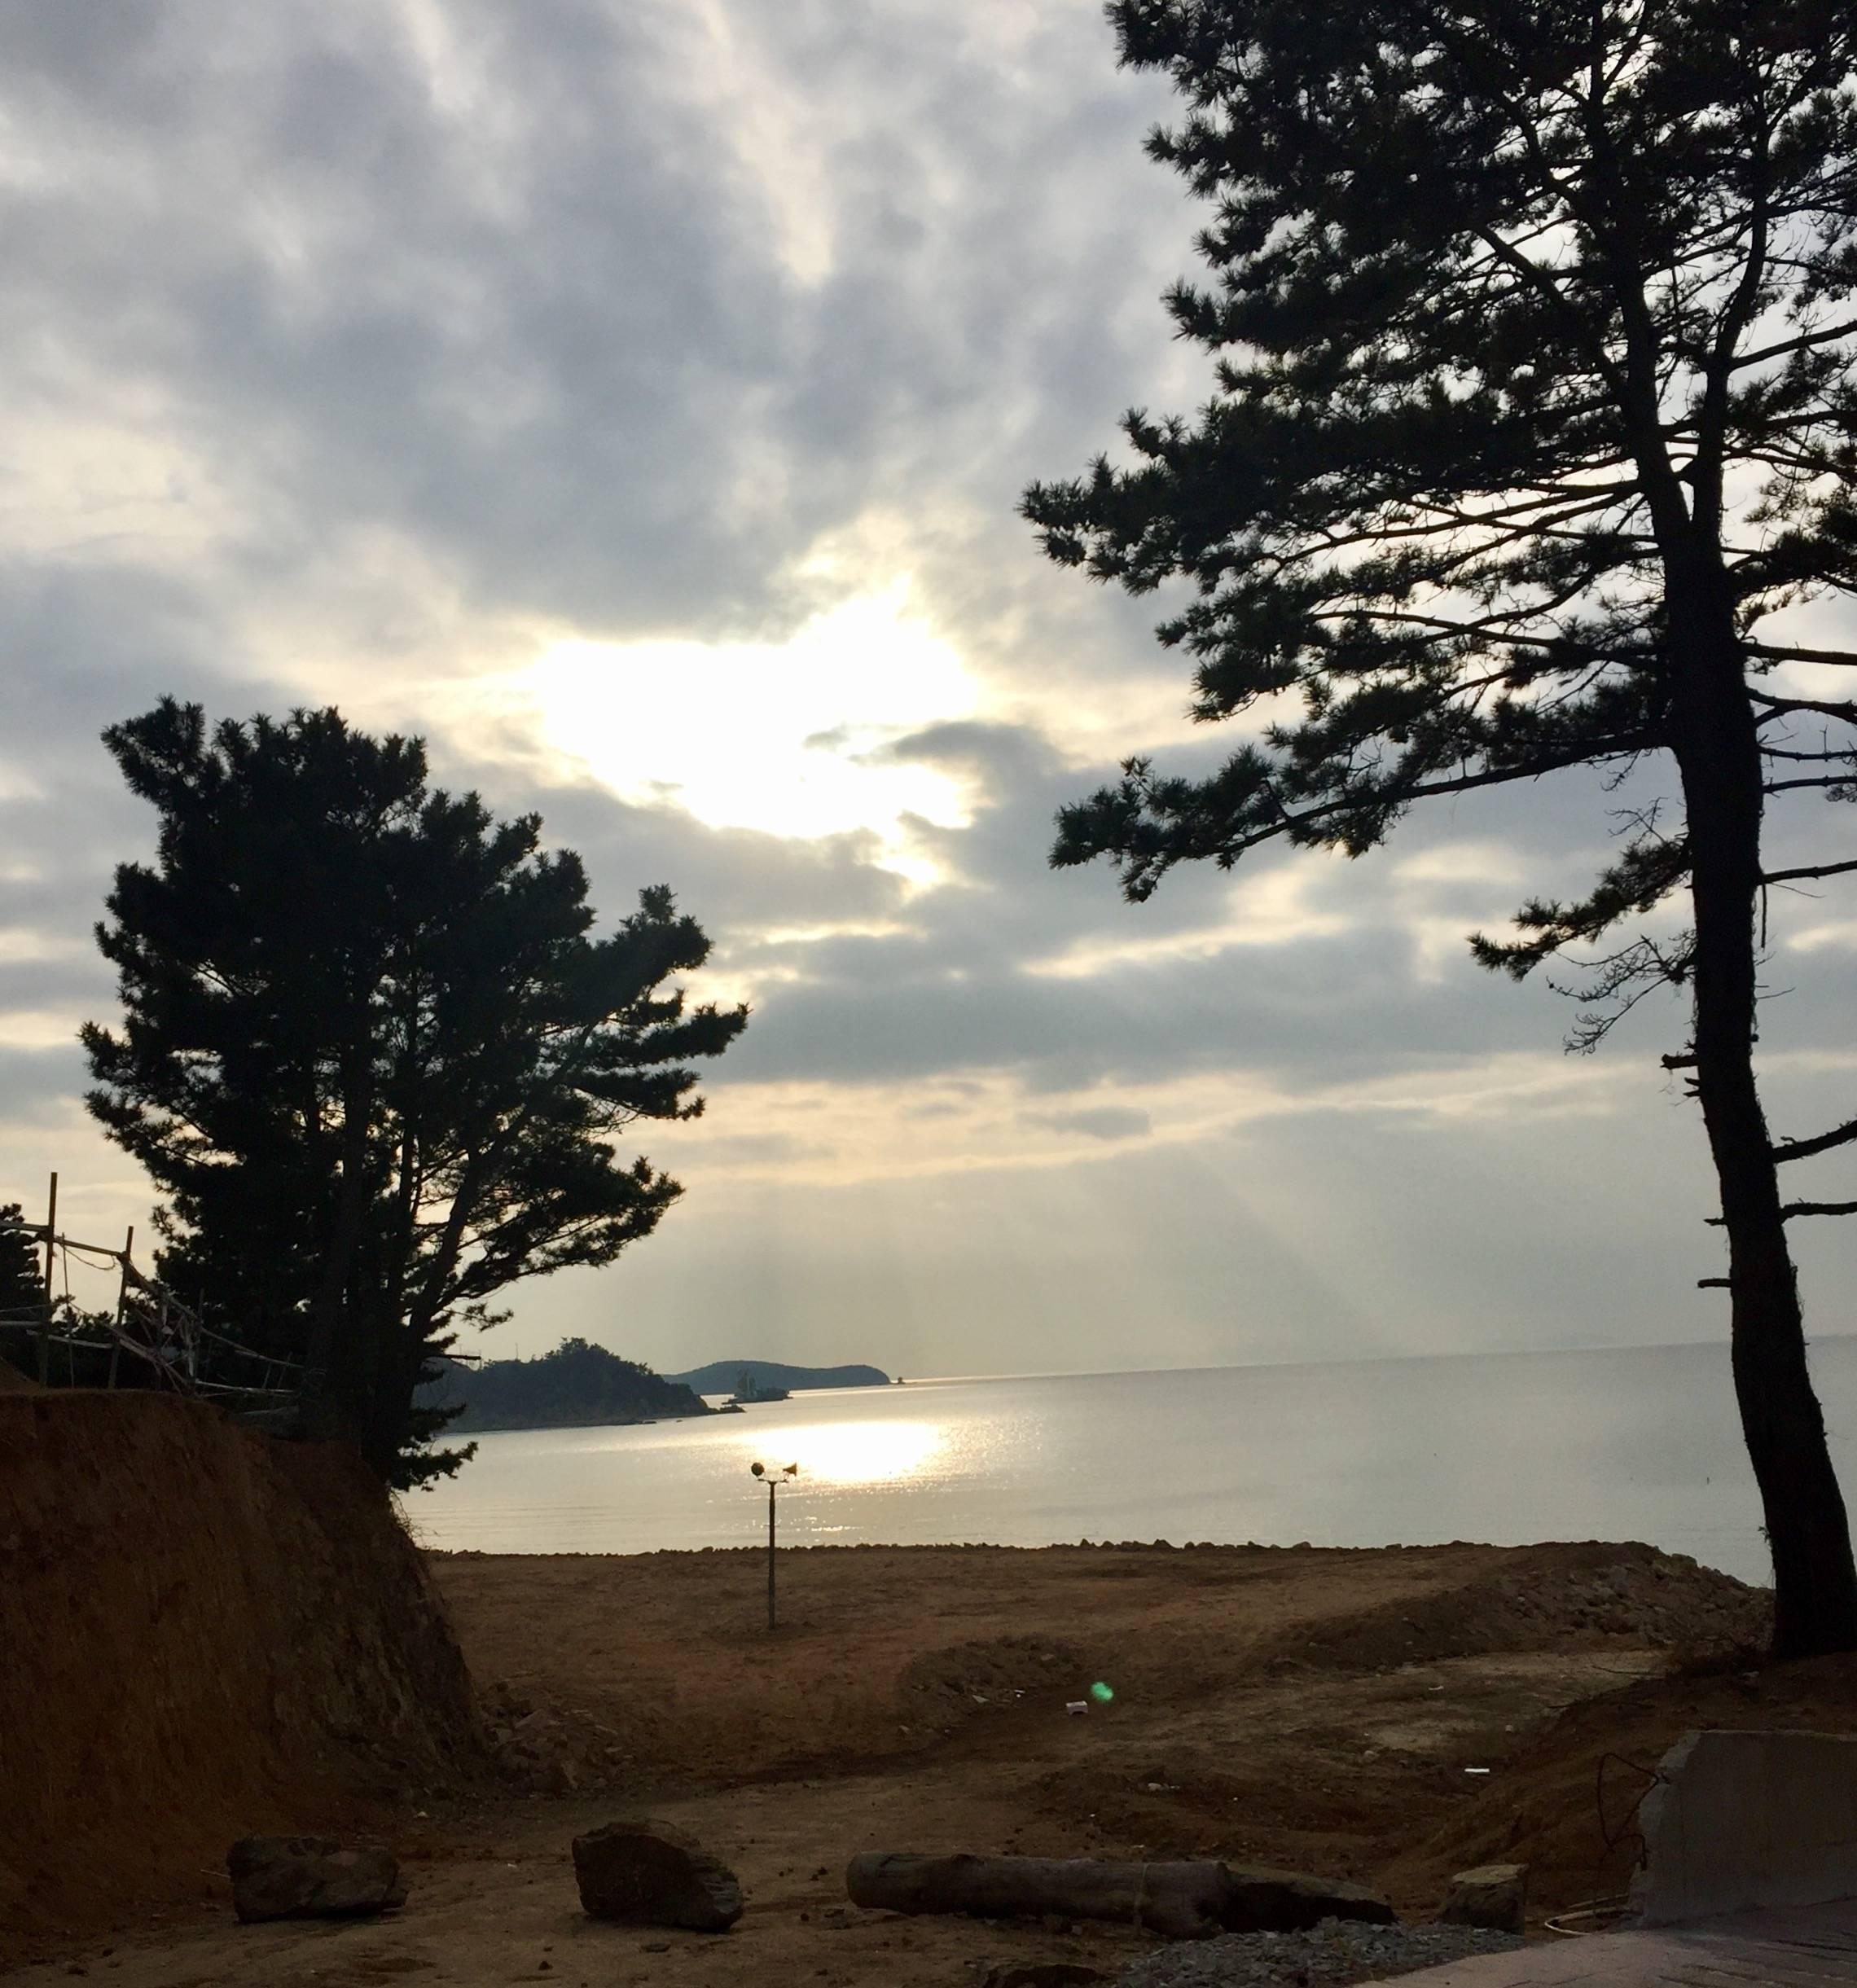 Photo 3: Jeju, l'ile des sirénes